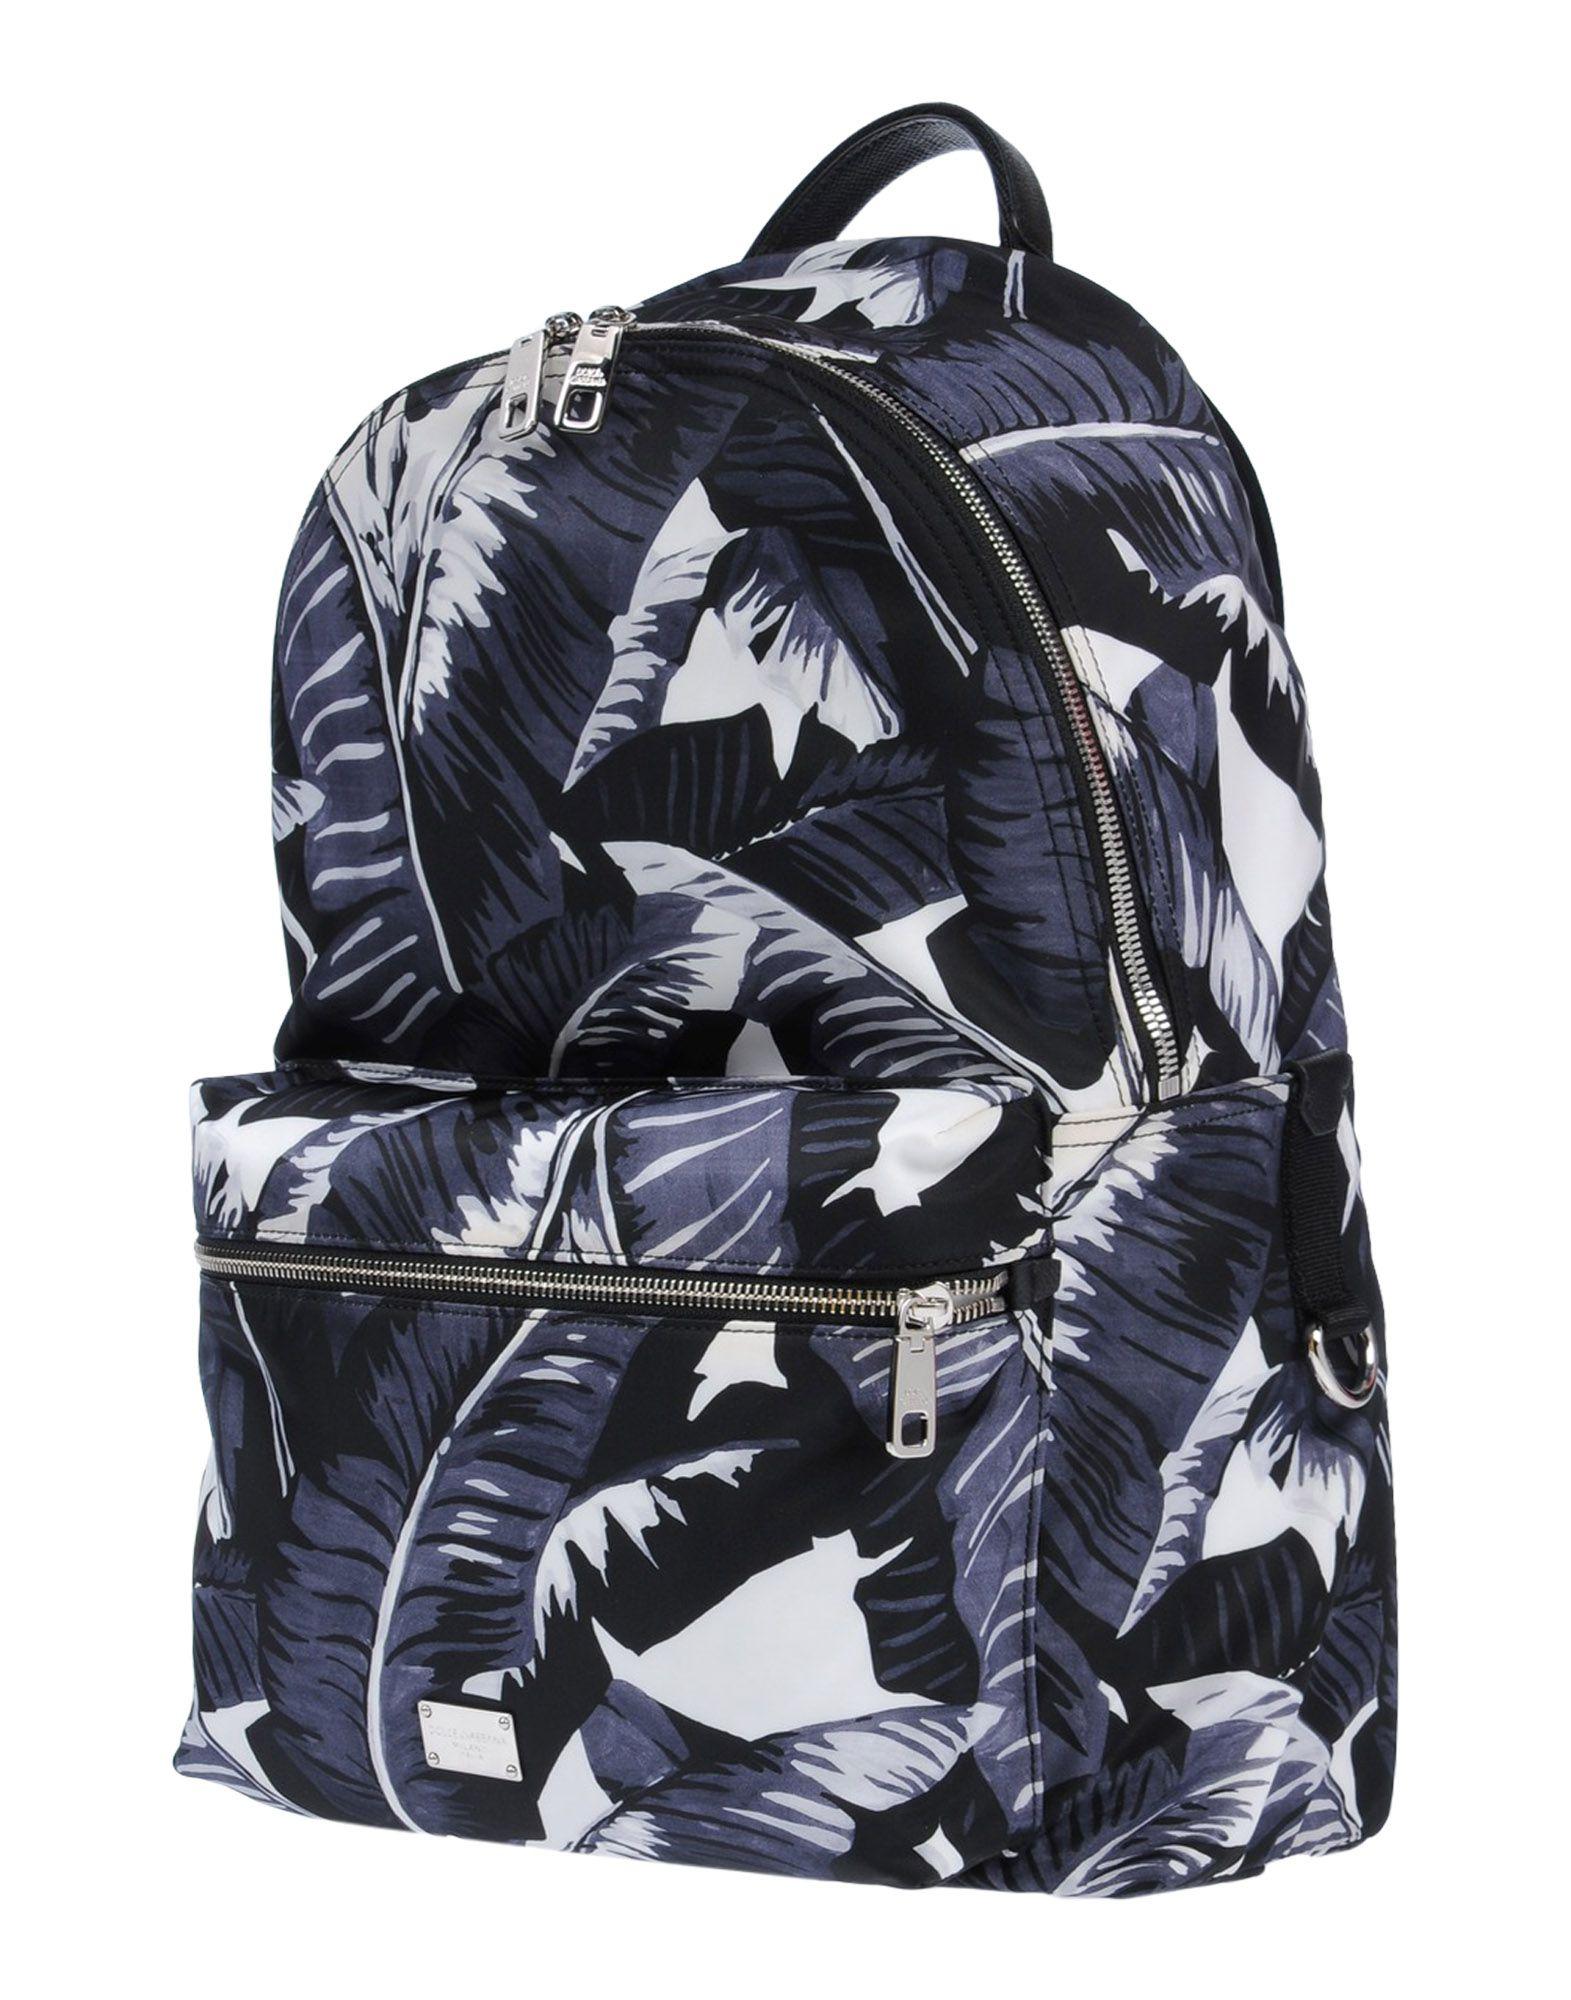 Фото - DOLCE & GABBANA Рюкзаки и сумки на пояс wood wood рюкзаки и сумки на пояс